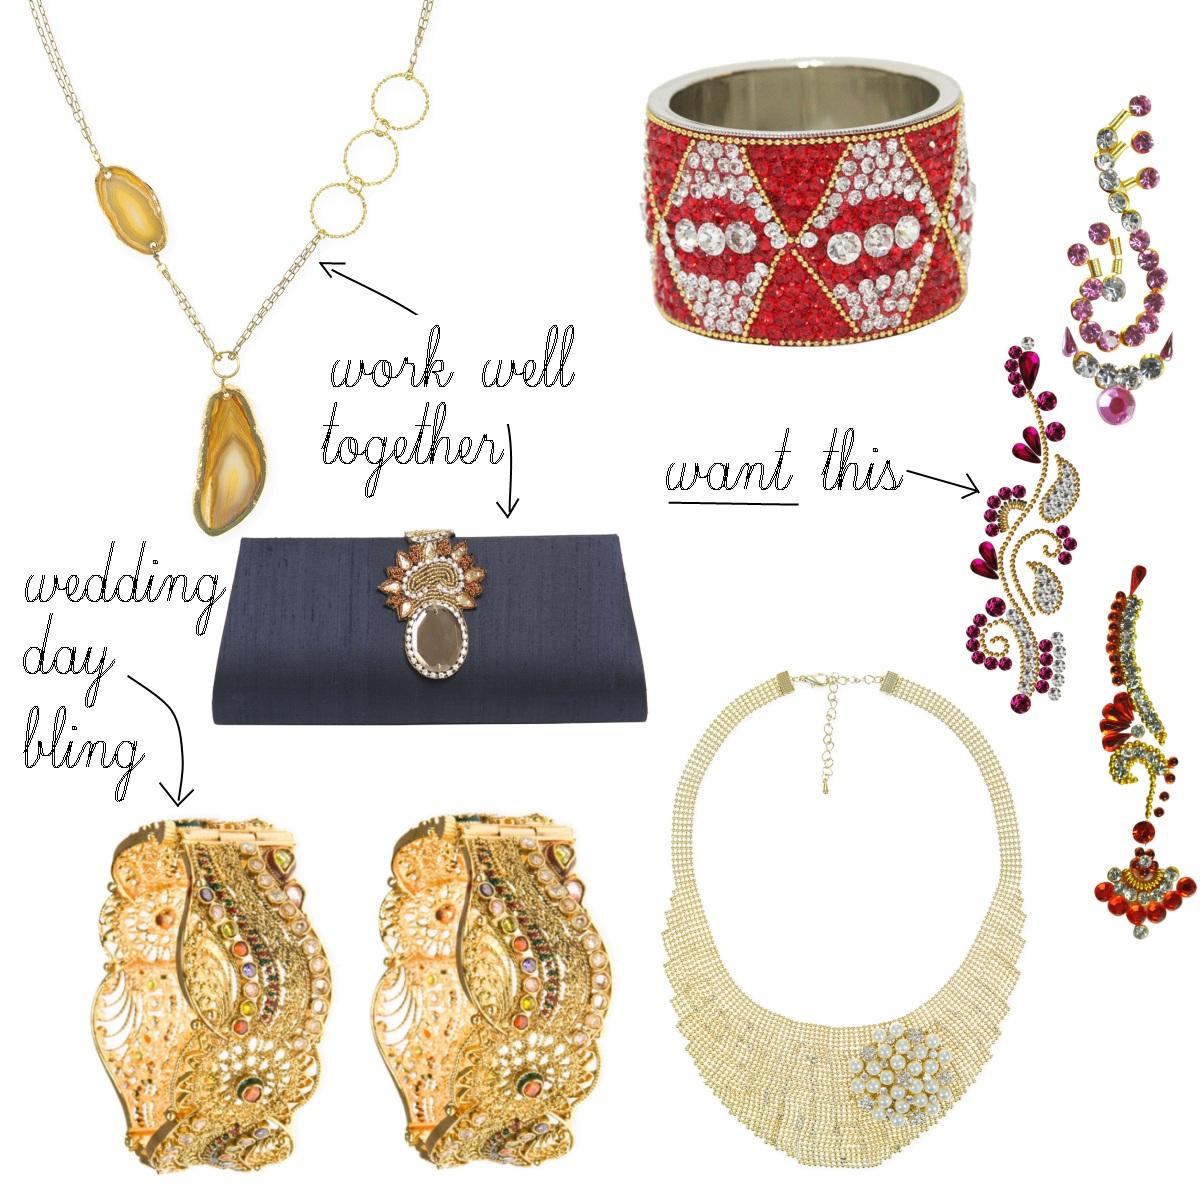 http://2.bp.blogspot.com/-o--YaxX0qpk/TqgtAqAi8MI/AAAAAAAACbc/_iI_eyxxRlY/s1600/avaa+uk+indian+accessories+vendor+love+aaina+bridal.jpg